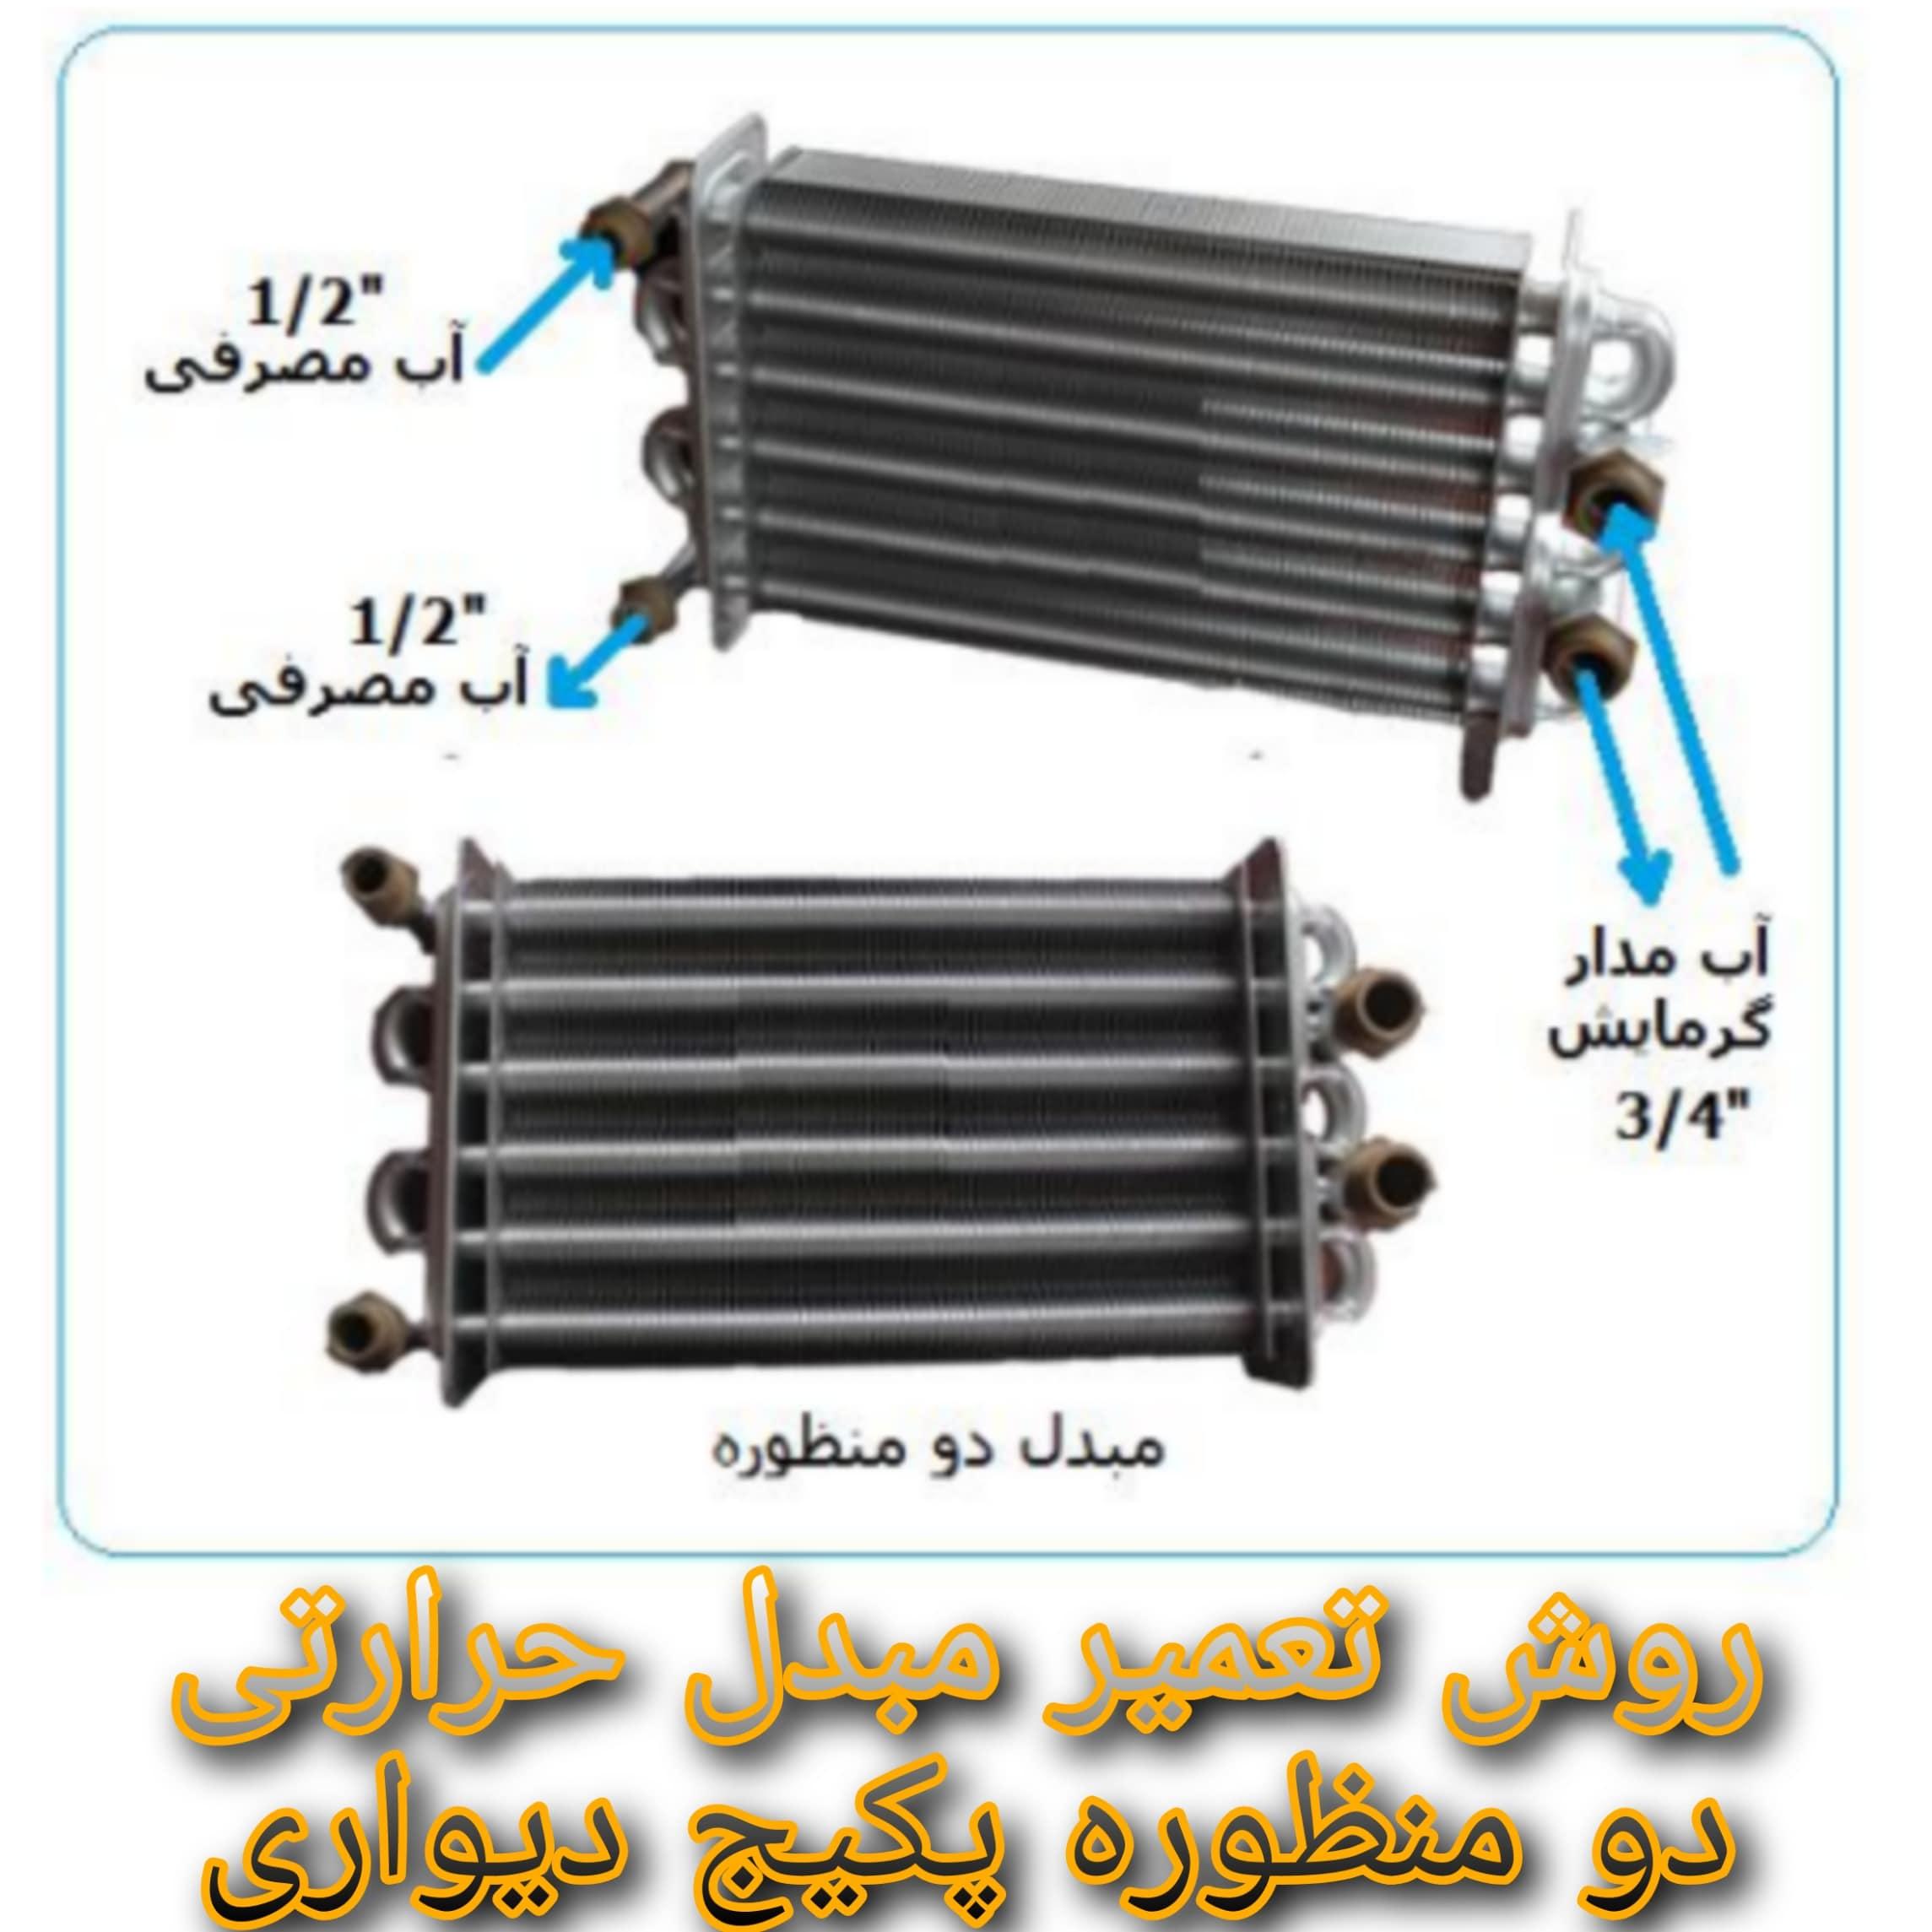 آموزش تعمیر مبدل حرارتی پکیج